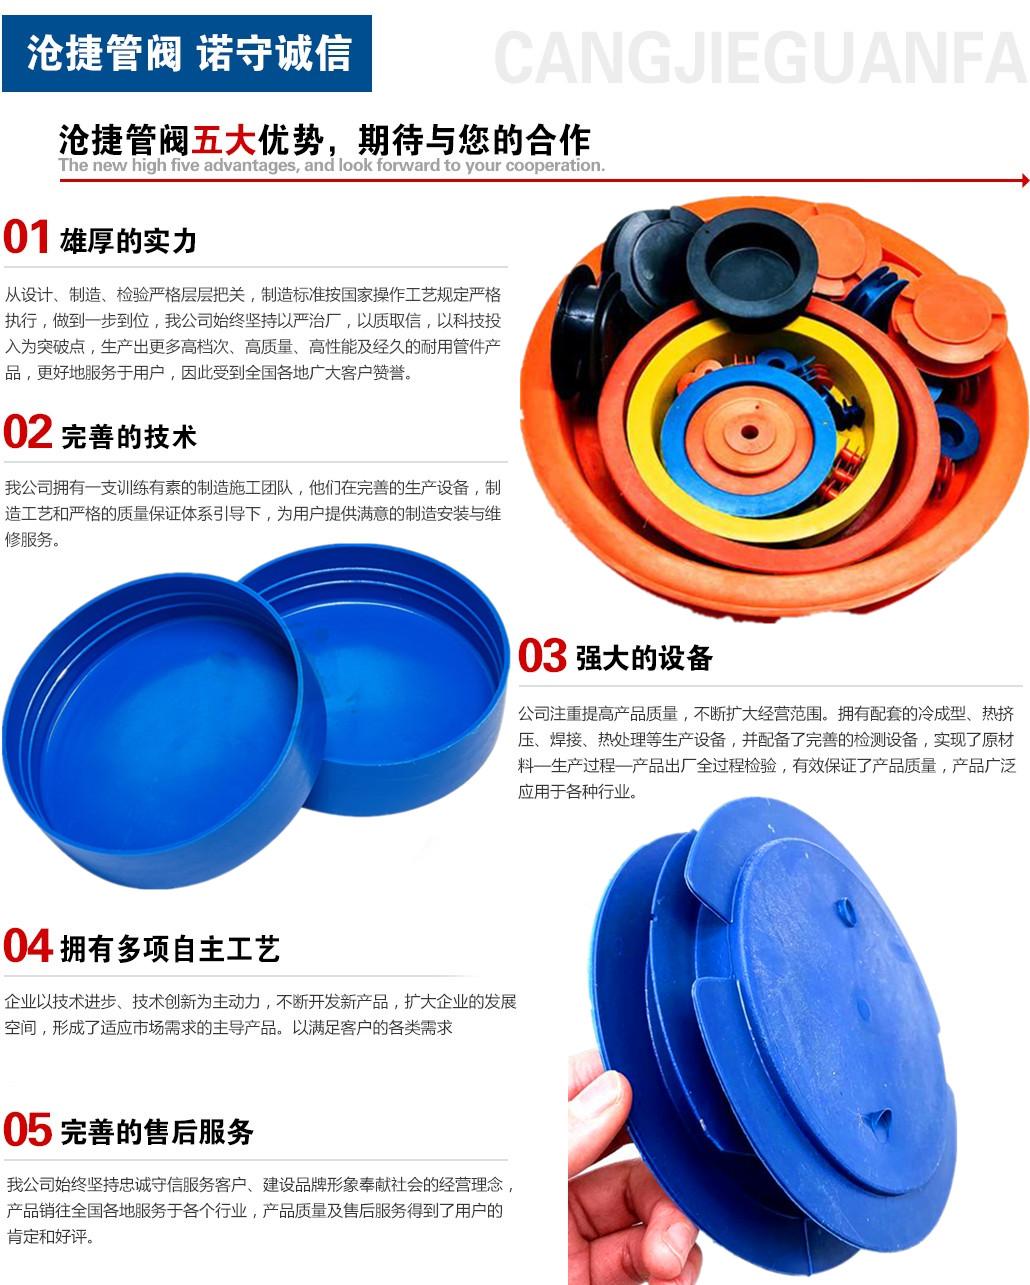 塑料管盖功能用途